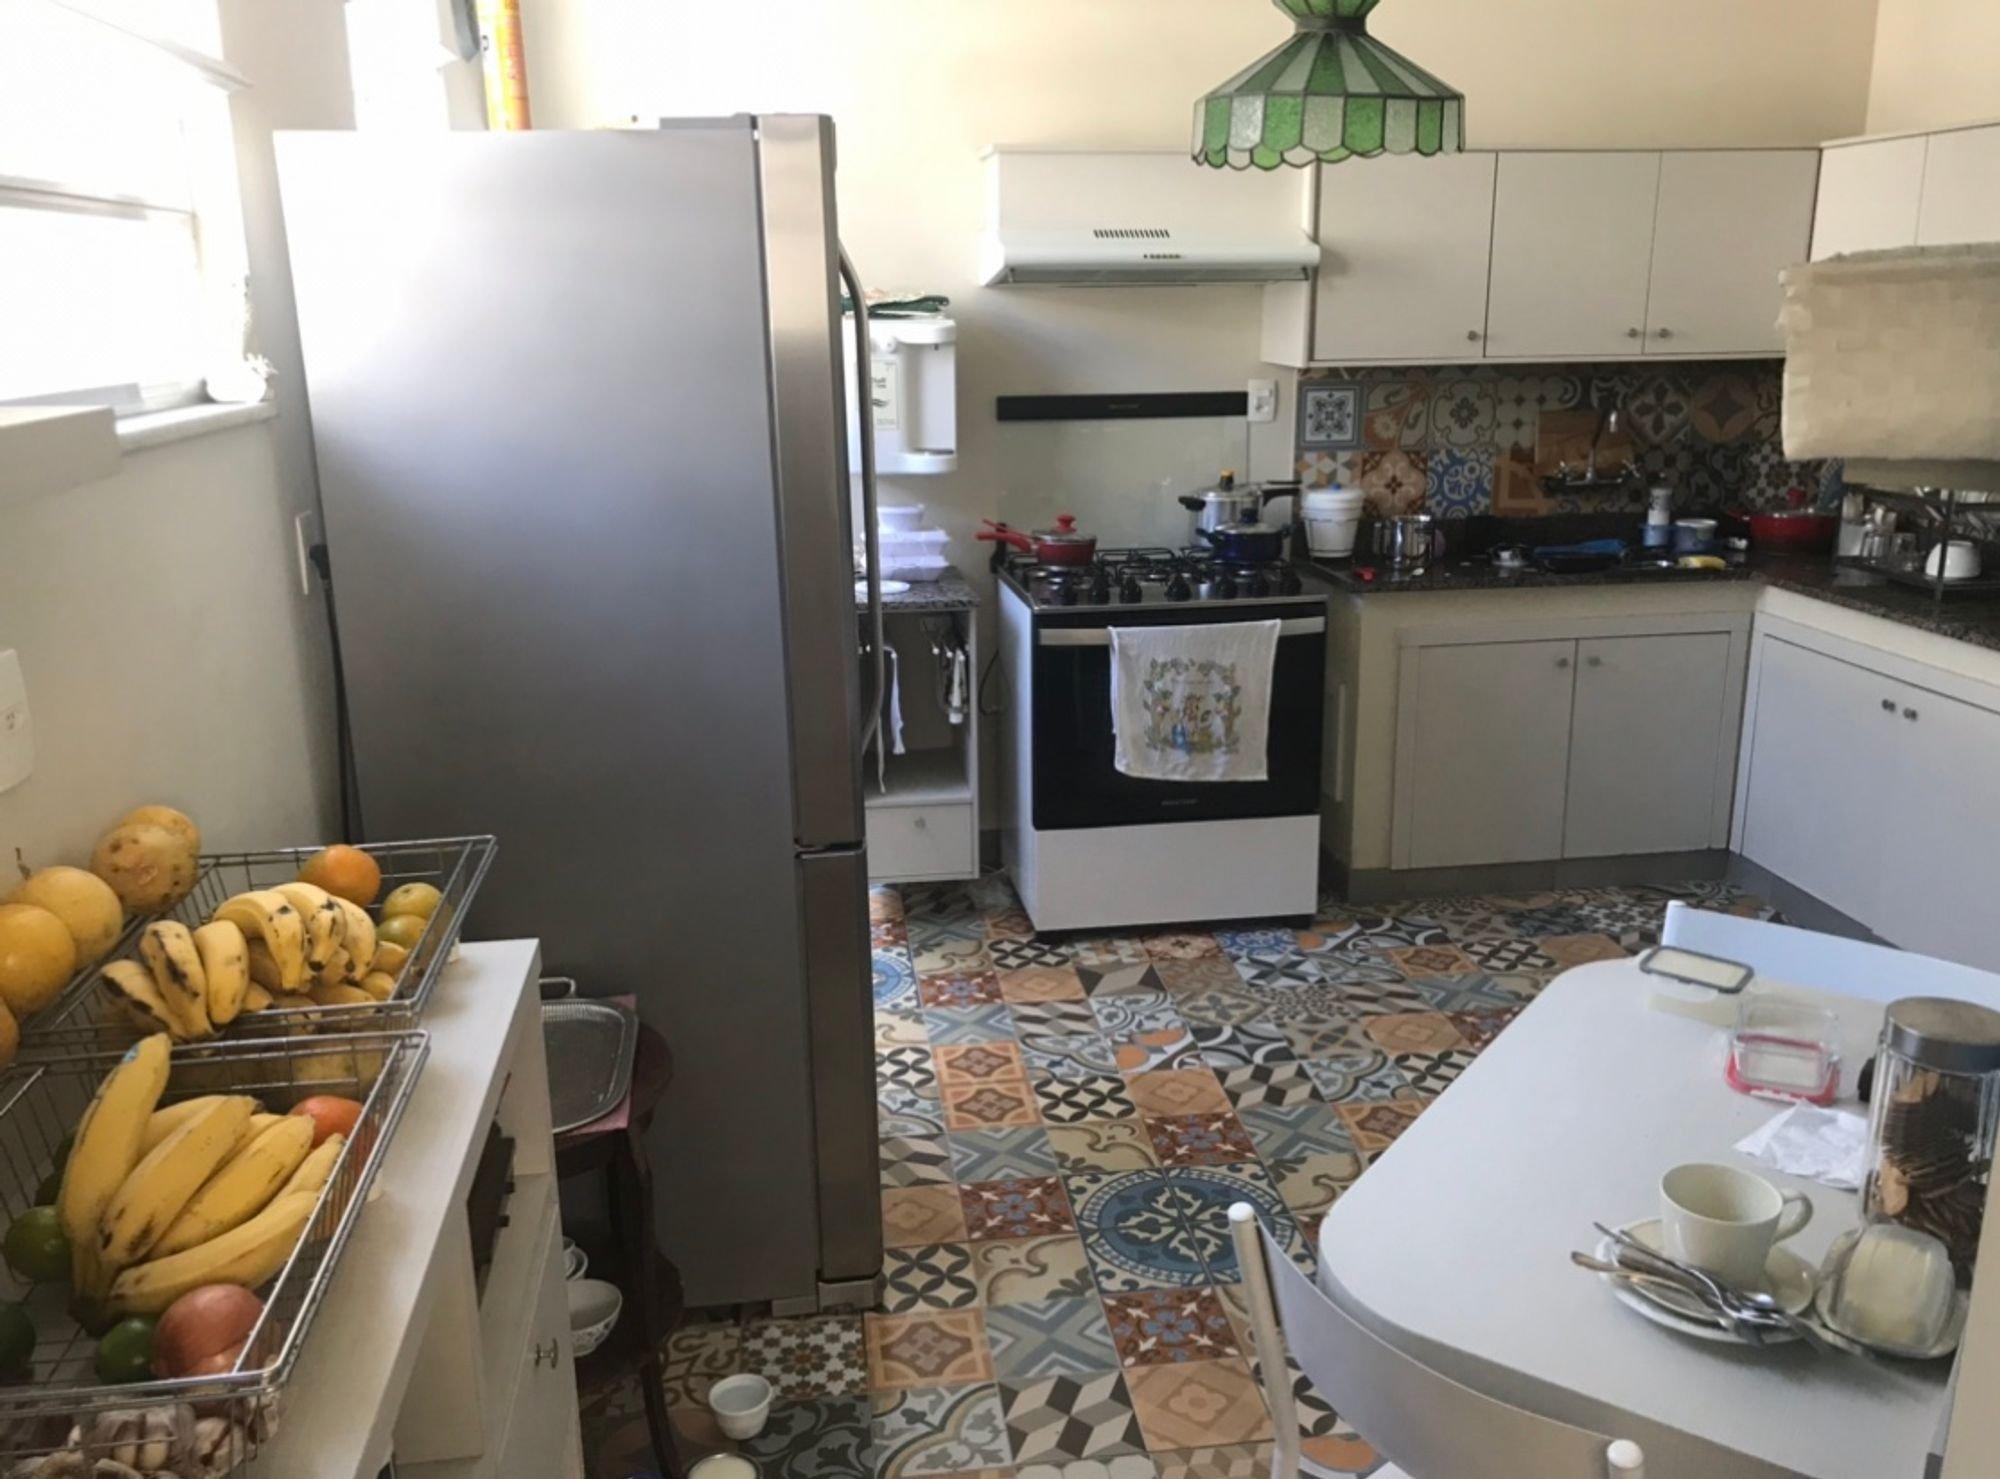 Foto de Cozinha com colher, forno, geladeira, cadeira, mesa de jantar, xícara